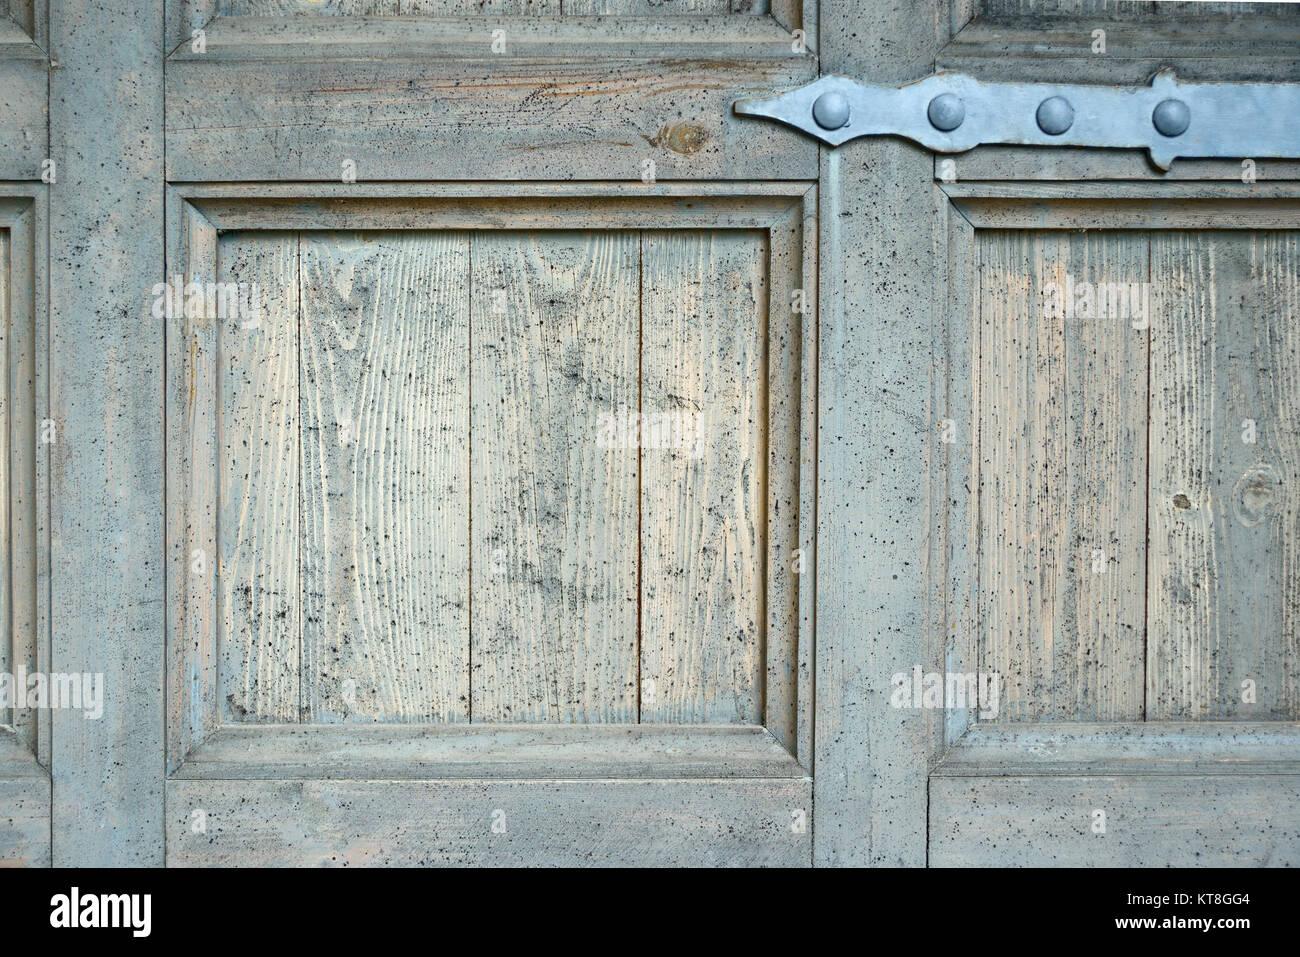 alte scharniere stockfotos & alte scharniere bilder - alamy